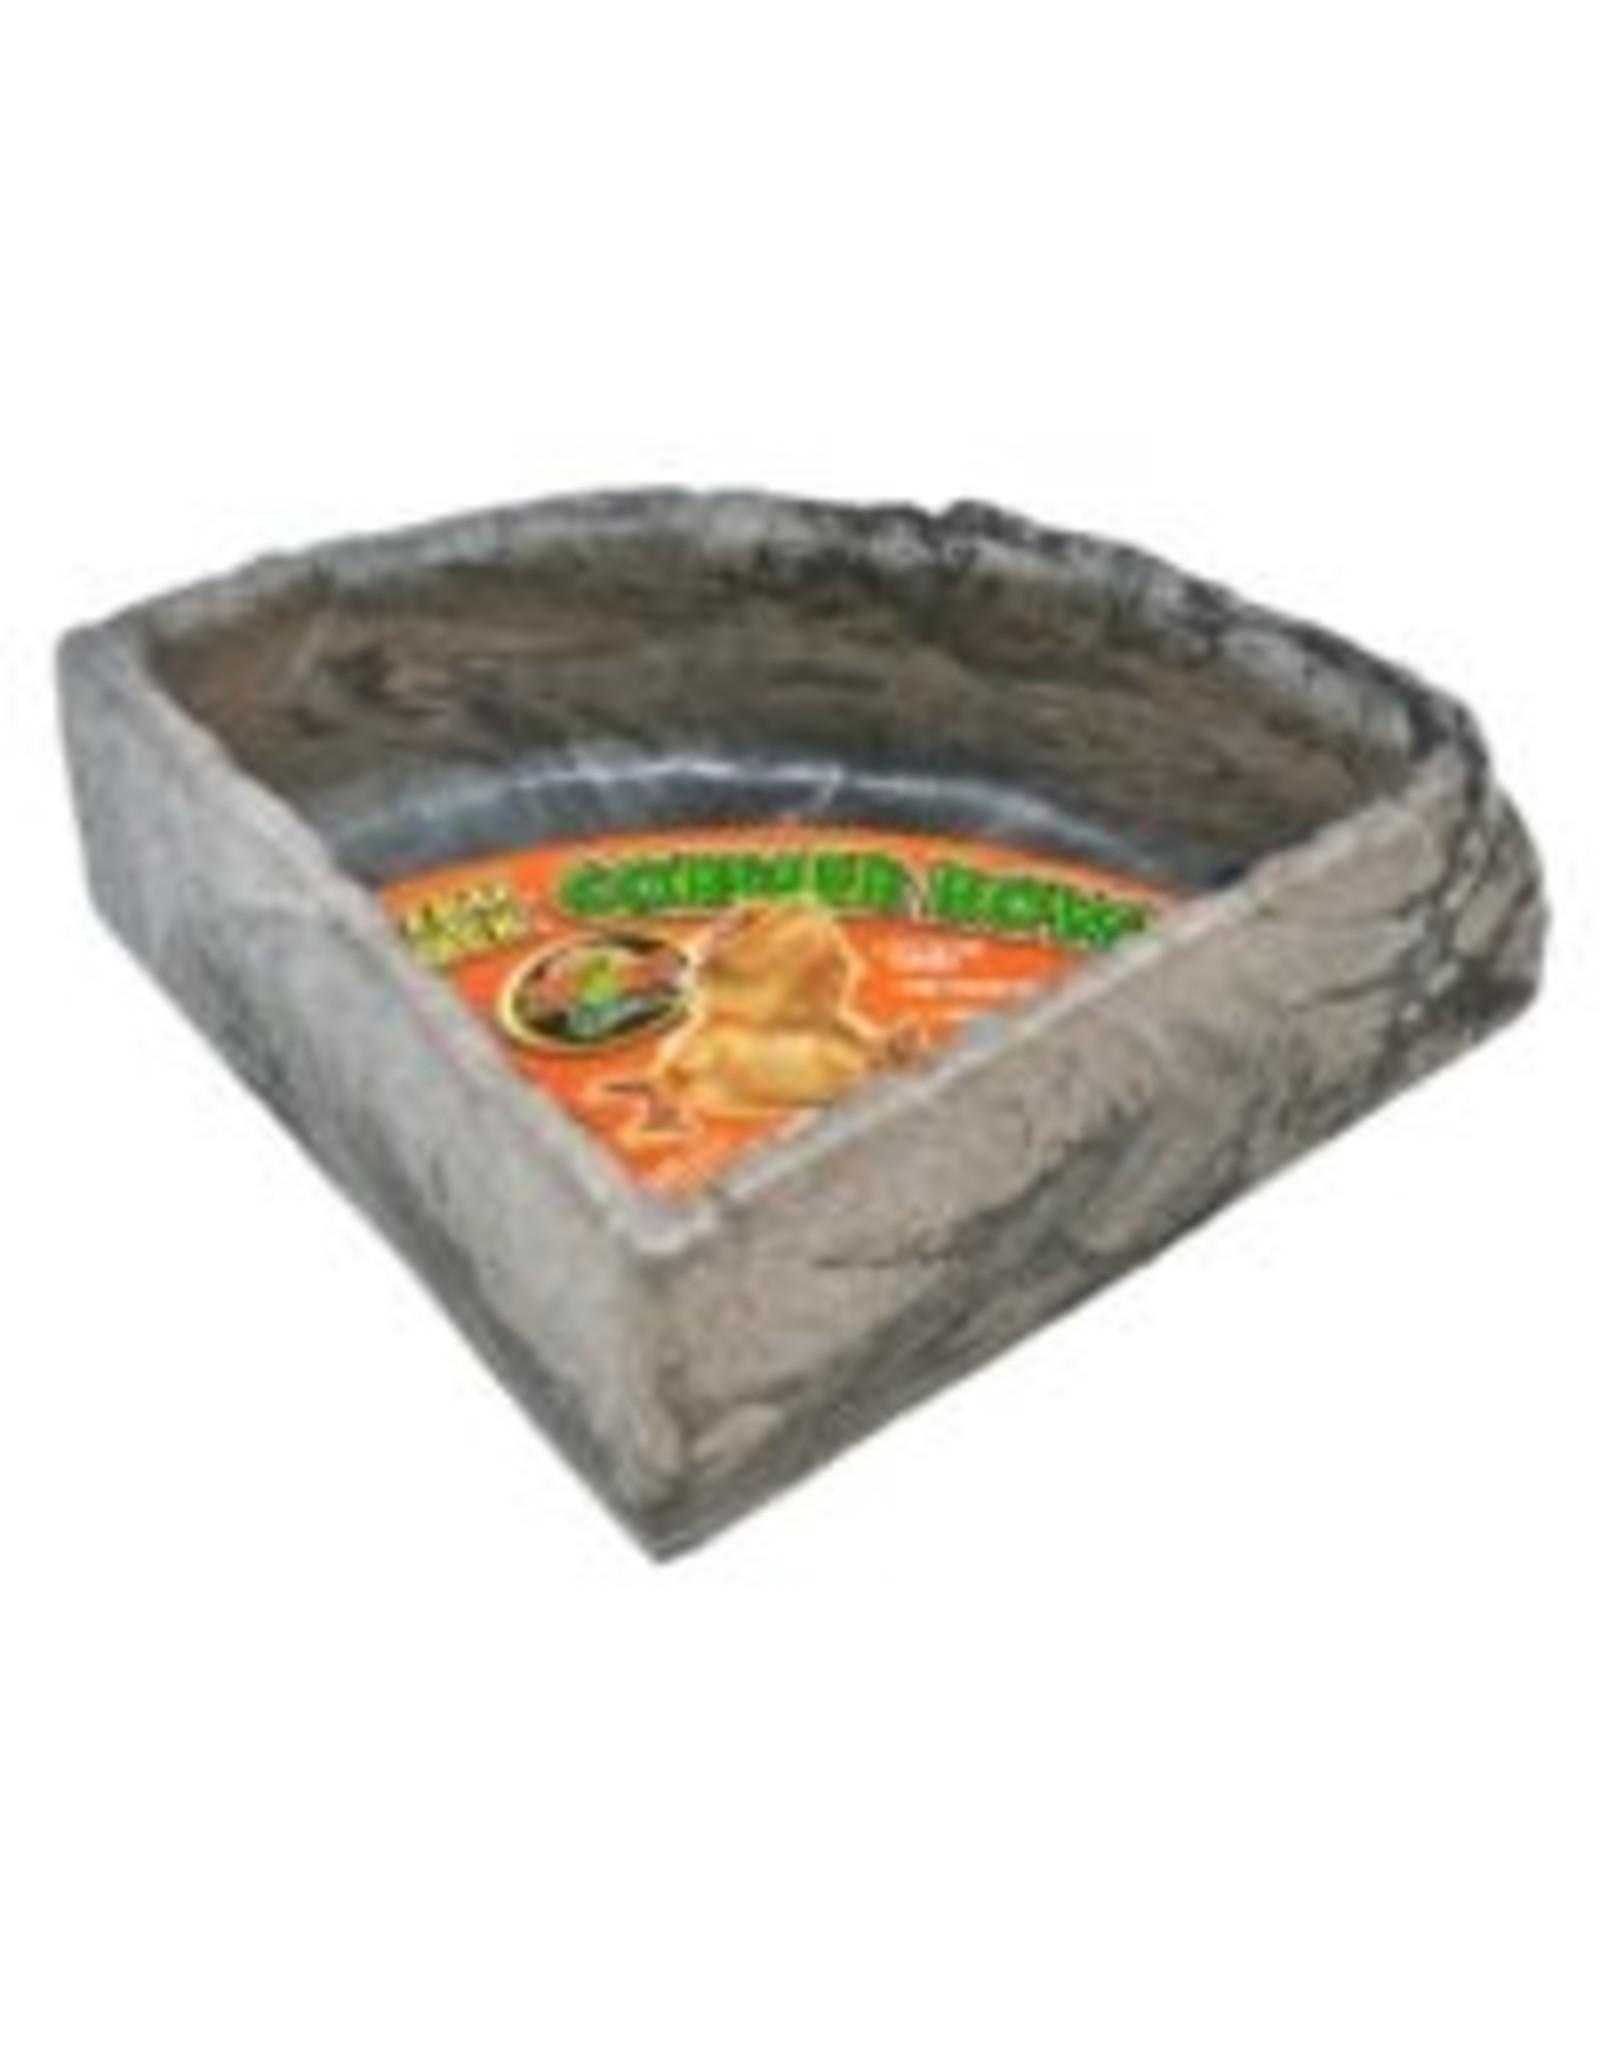 Zoo Med ZOO MED Repti Rock Corner Dish